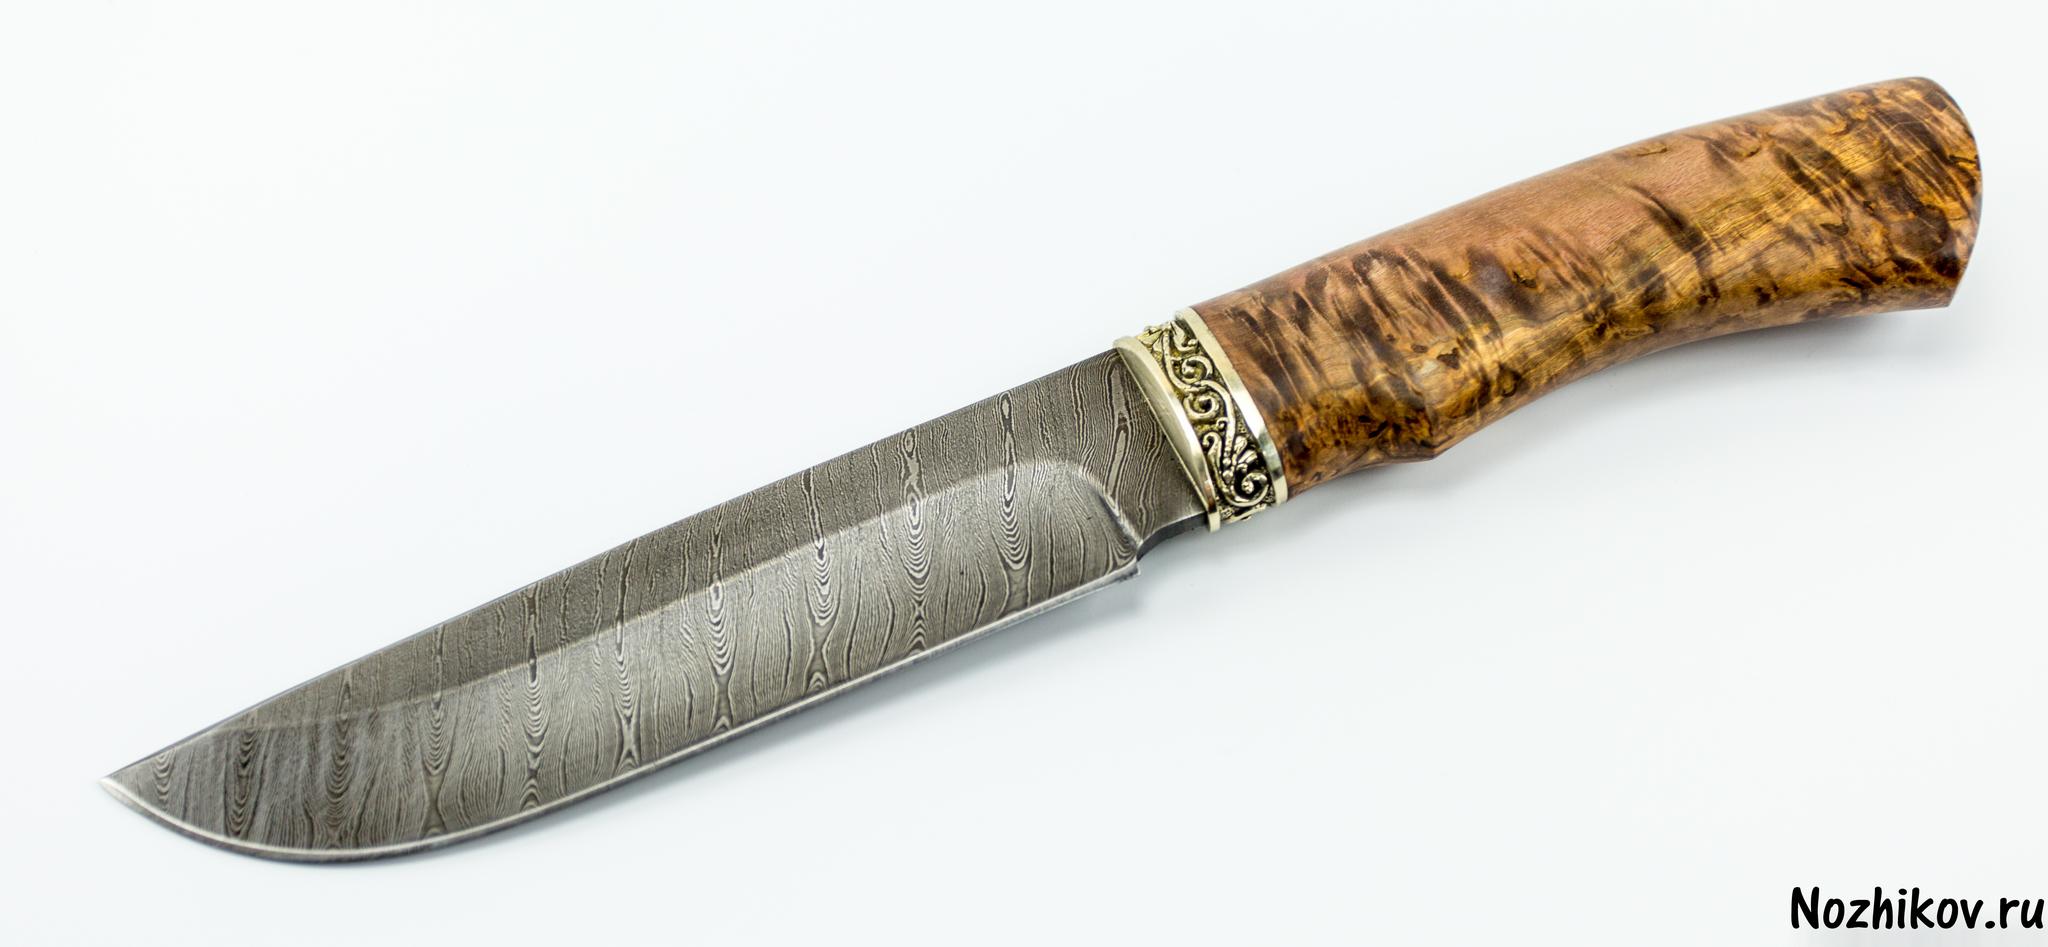 Нож MT-104, дамаск, карельская березаМеталлист<br>Клинок всадного ножа MT-104 имеет традиционную форму, которая давно используется на русских северных ножах: классический прямой обух с небольшим понижением в направлении острия и плавный подъем режущей кромки. Высокие спуски и тонкое сведение обеспечивают ровный и хорошо контролируемый рез. Острый кончик и фальшлезвие на обухе обеспечивают эффективную передачу усилия при совершении укола.Рукоять ножа выполнена из стабилизированной древесины. Этот материал проверен не одним поколением охотников и туристов. Главной особенность рукоятей из дерева является то, что опытные люди называют «теплотой». Такую рукоятку можно уверенно удерживать на морозе голой рукой и при этом совершенно не испытывать холода.Благодаря особому рисунку алмазной стали, литому больстеру, черной матовой рукояти и чехлу из плотной натуральной кожи нож производит впечатление статусного мужского аксессуара. Такой нож может стать отличным подарком другу, боссу или партнеру по бизнесу.<br>Смотреть все охотничьи и туристические ножи<br>